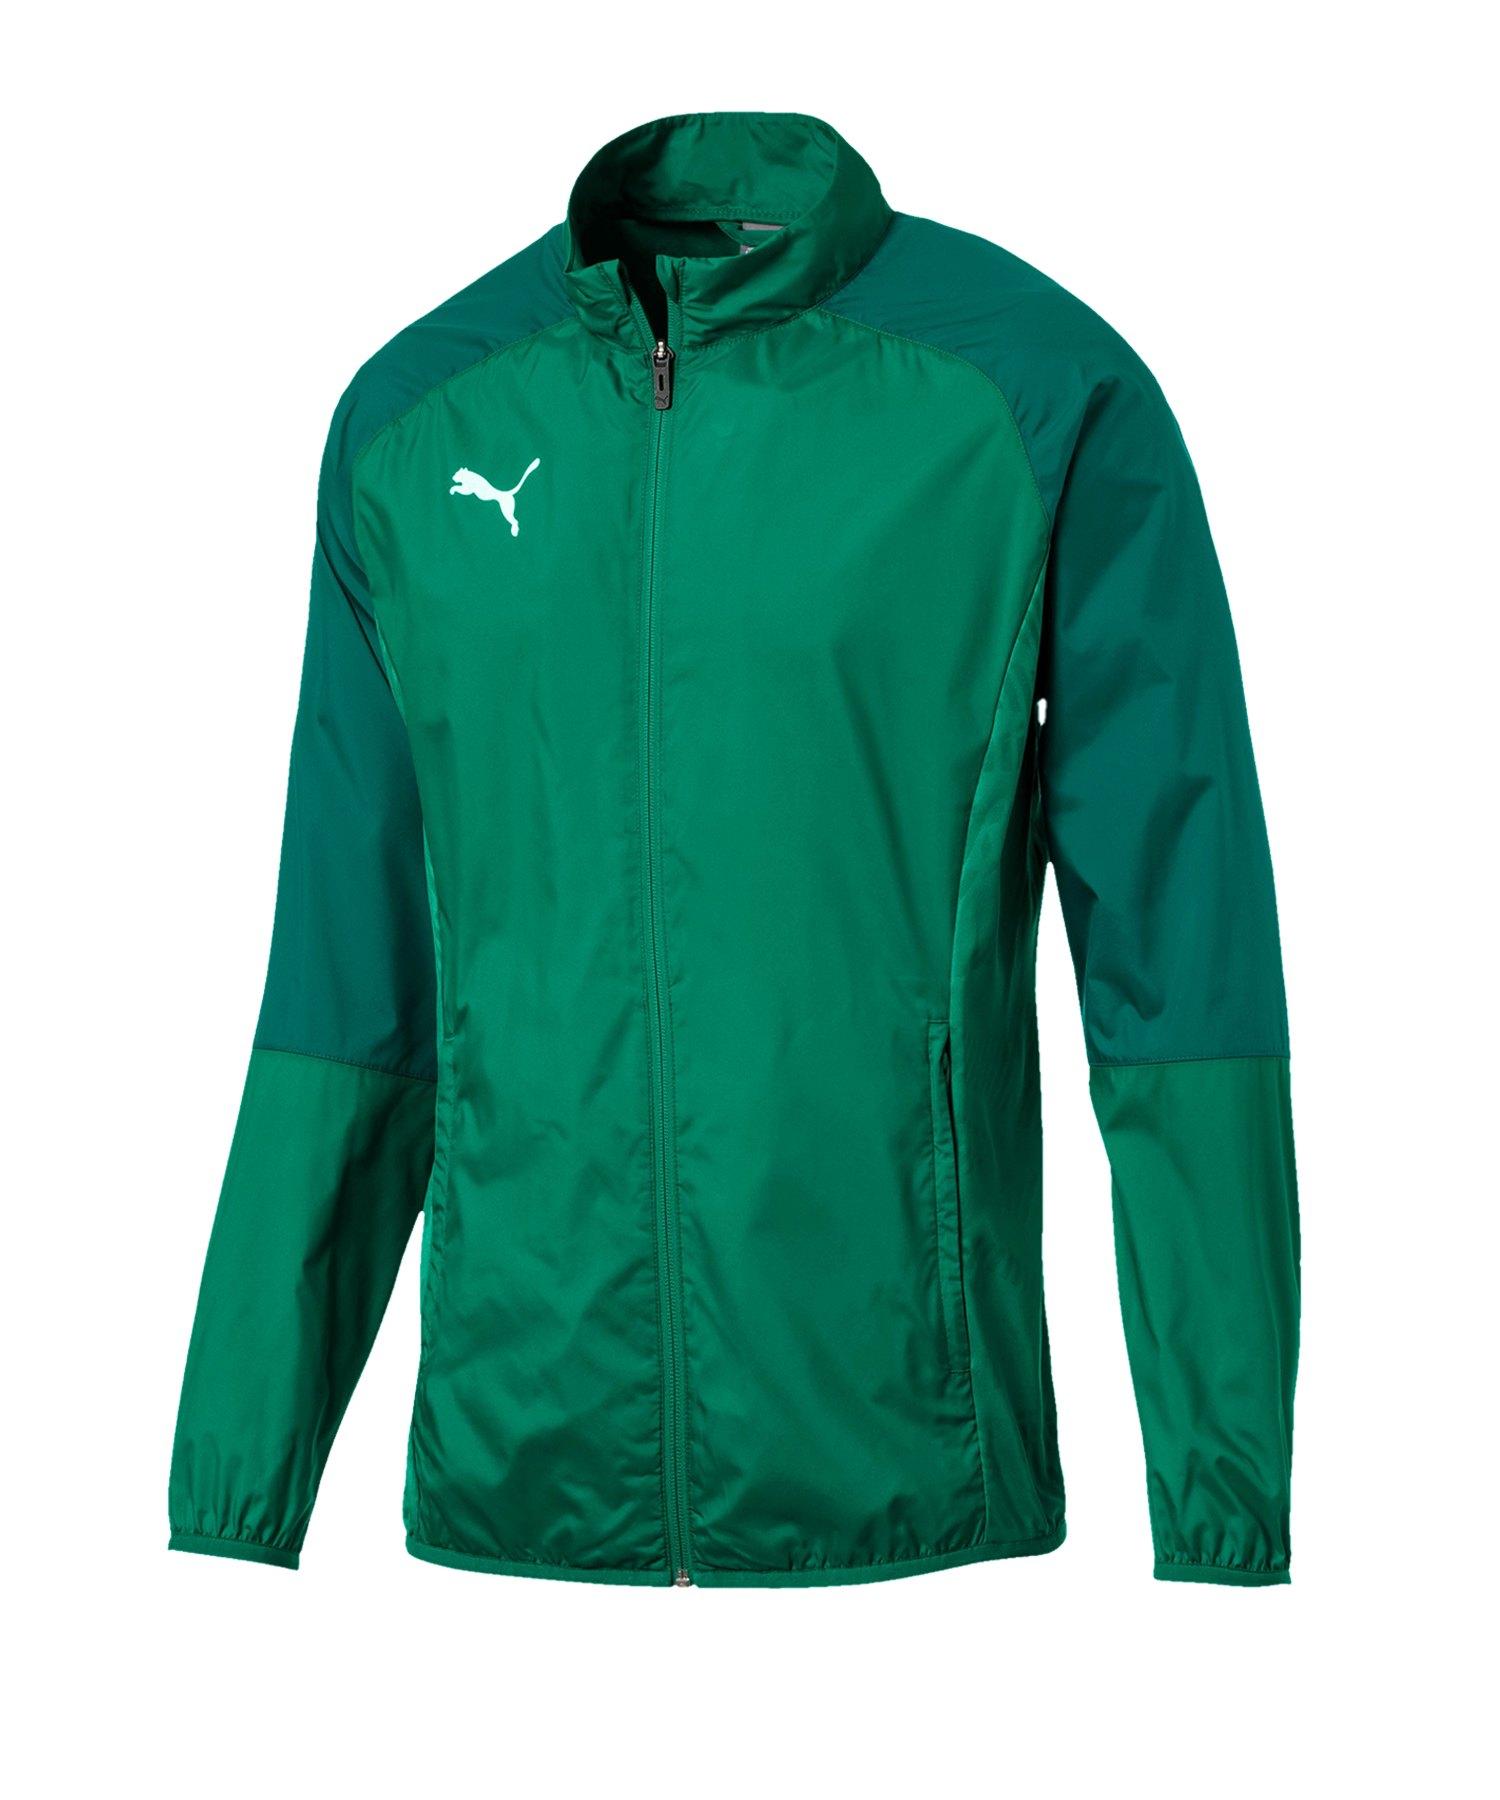 PUMA CUP Sideline Core Woven Jacket Kids Grün F05 - gruen